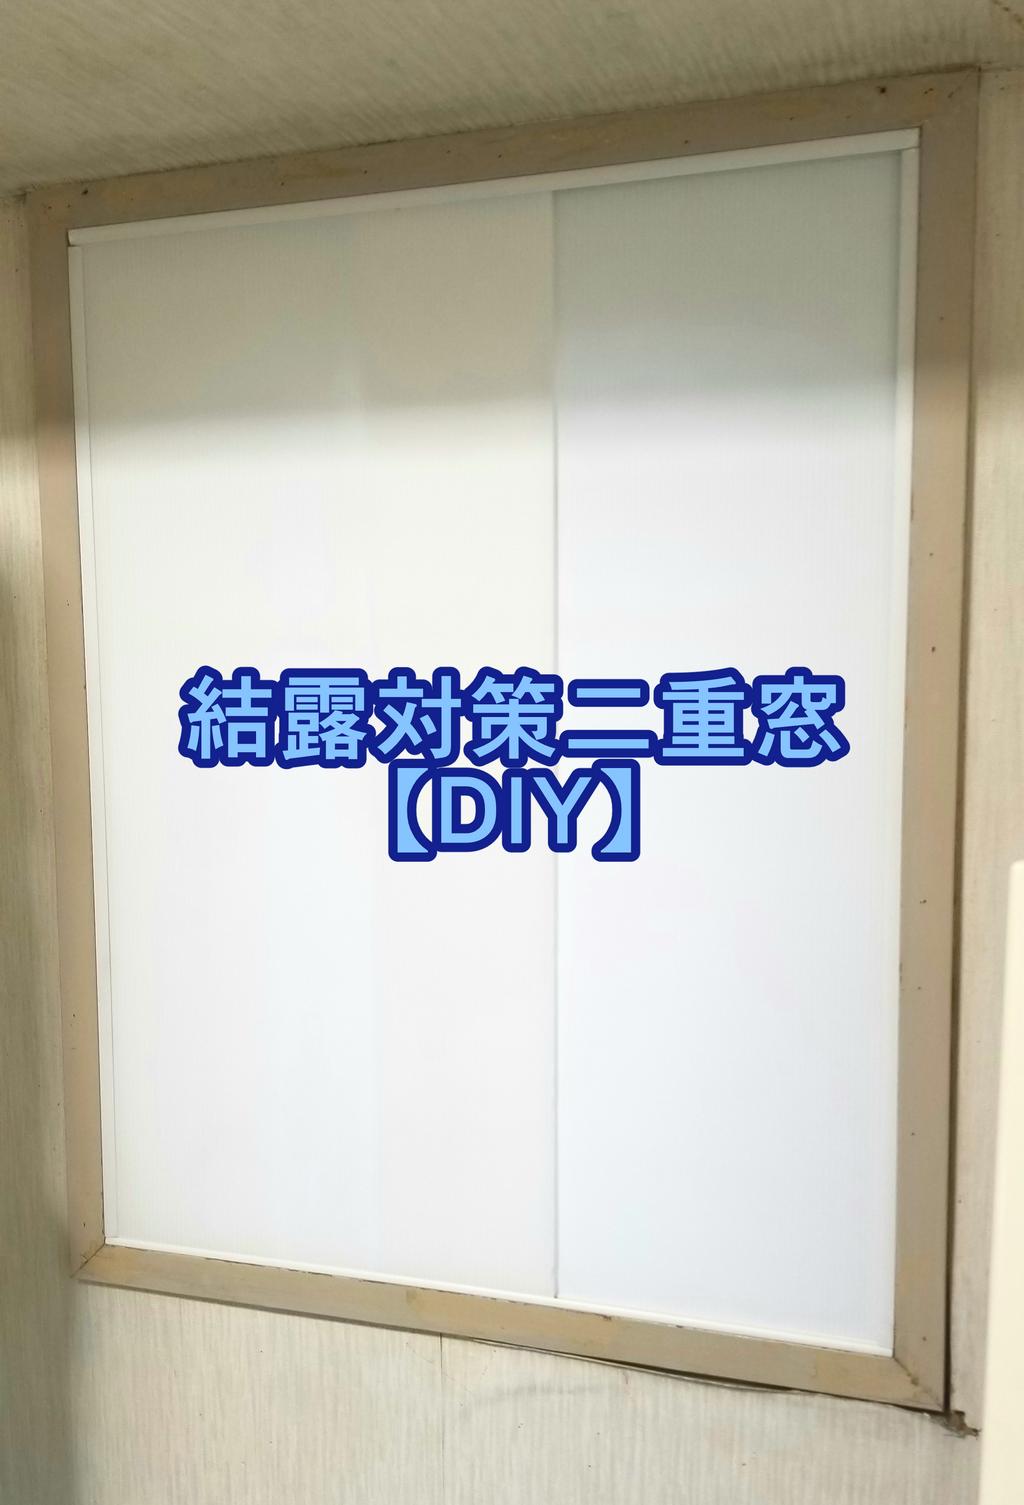 【二重窓】最強の結露対策【DIY】